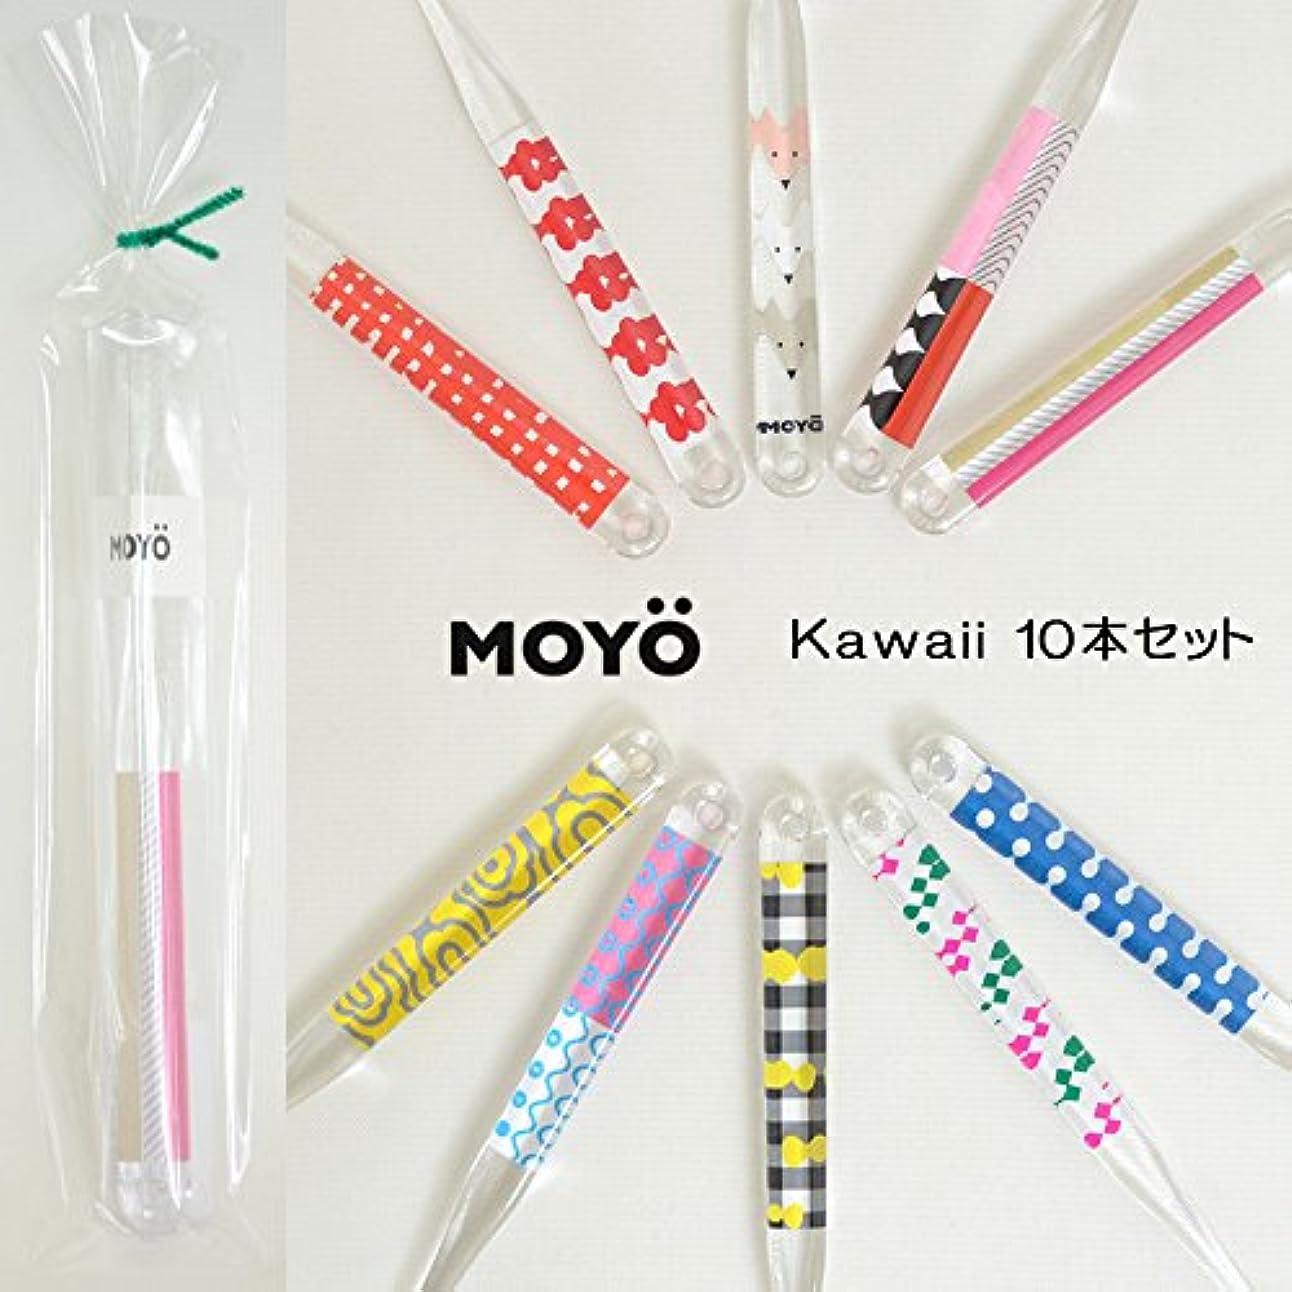 ポゴスティックジャンプ事務所軽食MOYO モヨウ kawaii10本 プチ ギフト セット_562302-kawaii2 【F】,kawaii10本セット